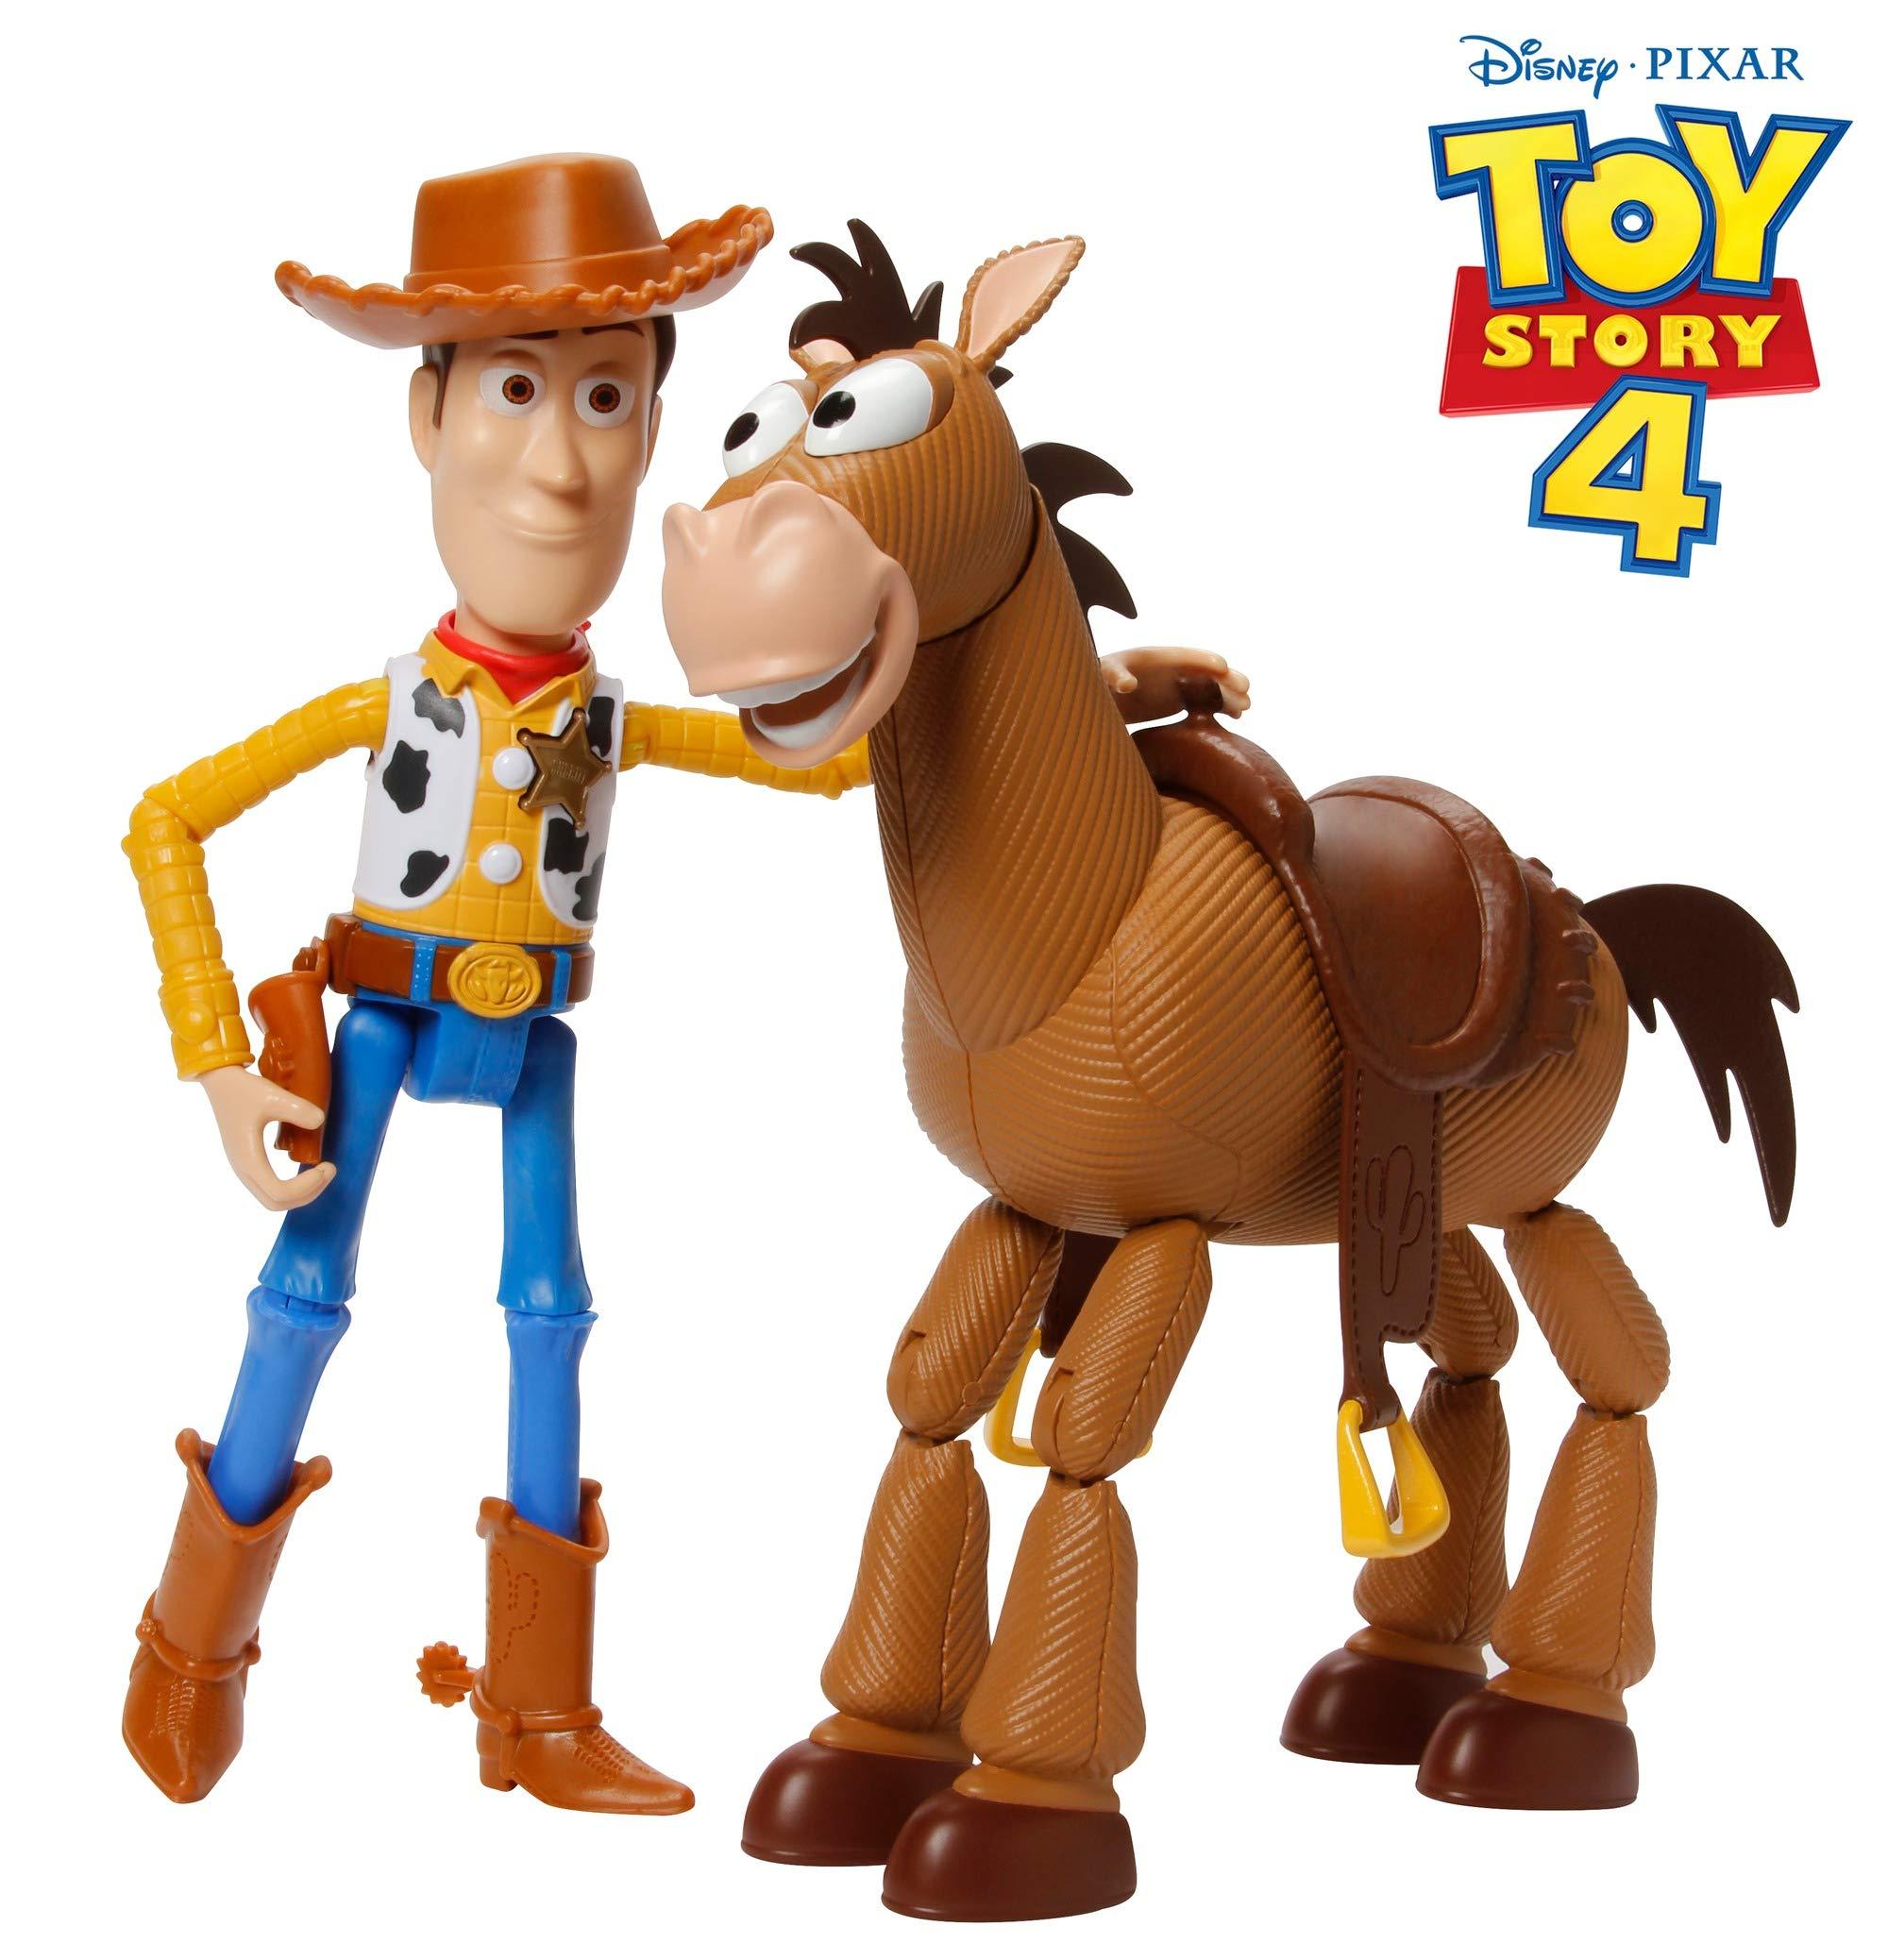 ویکالا · خرید  اصل اورجینال · خرید از آمازون · Toy Story Disney Pixar 4 Woody & Bullseye Adventure Pack wekala · ویکالا